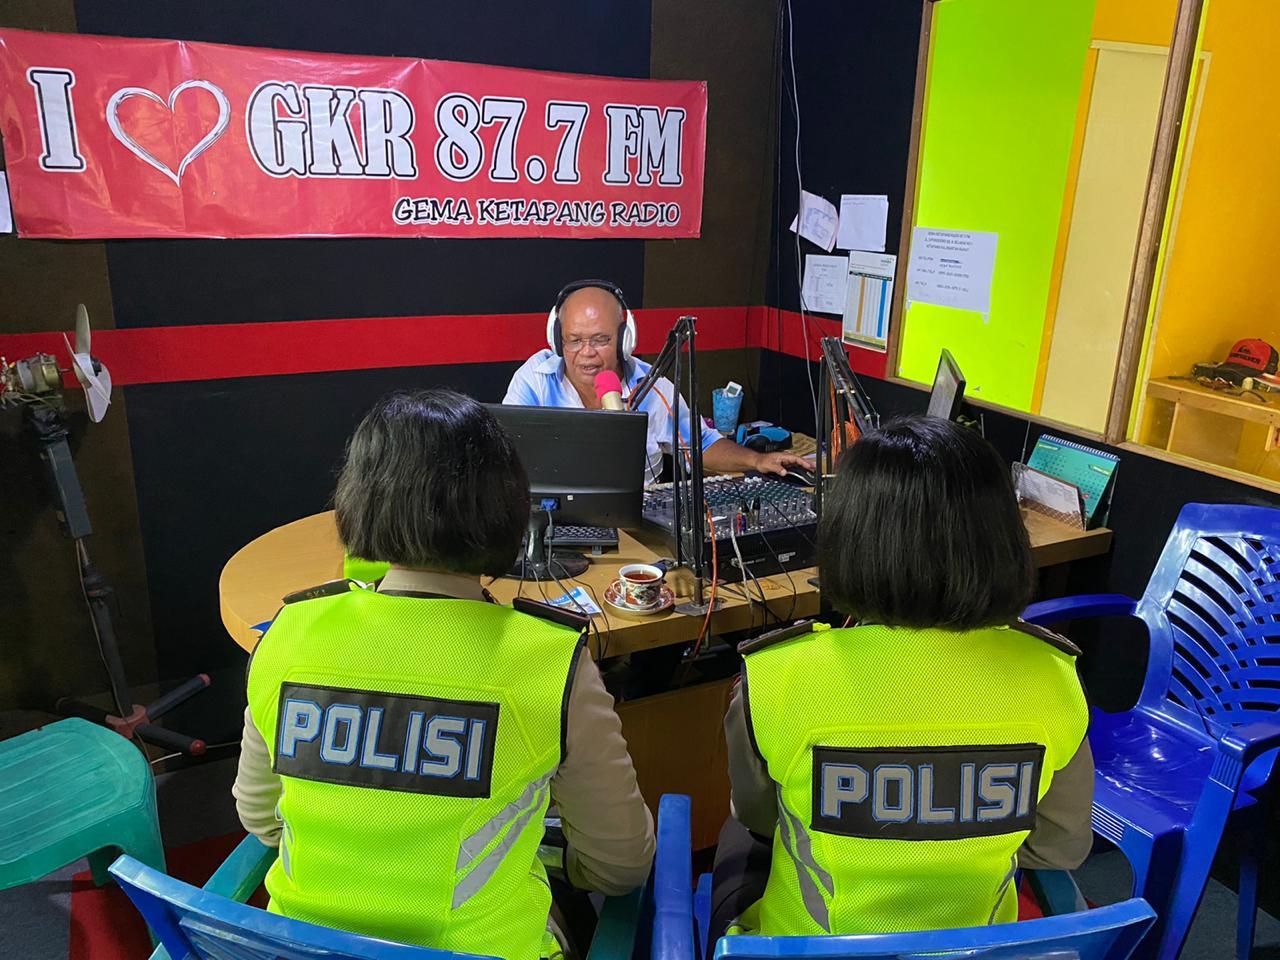 SIARAN LANGSUNG POLWAN SATLANTAS KETAPANG DI RADIO GKR 87.7 FM